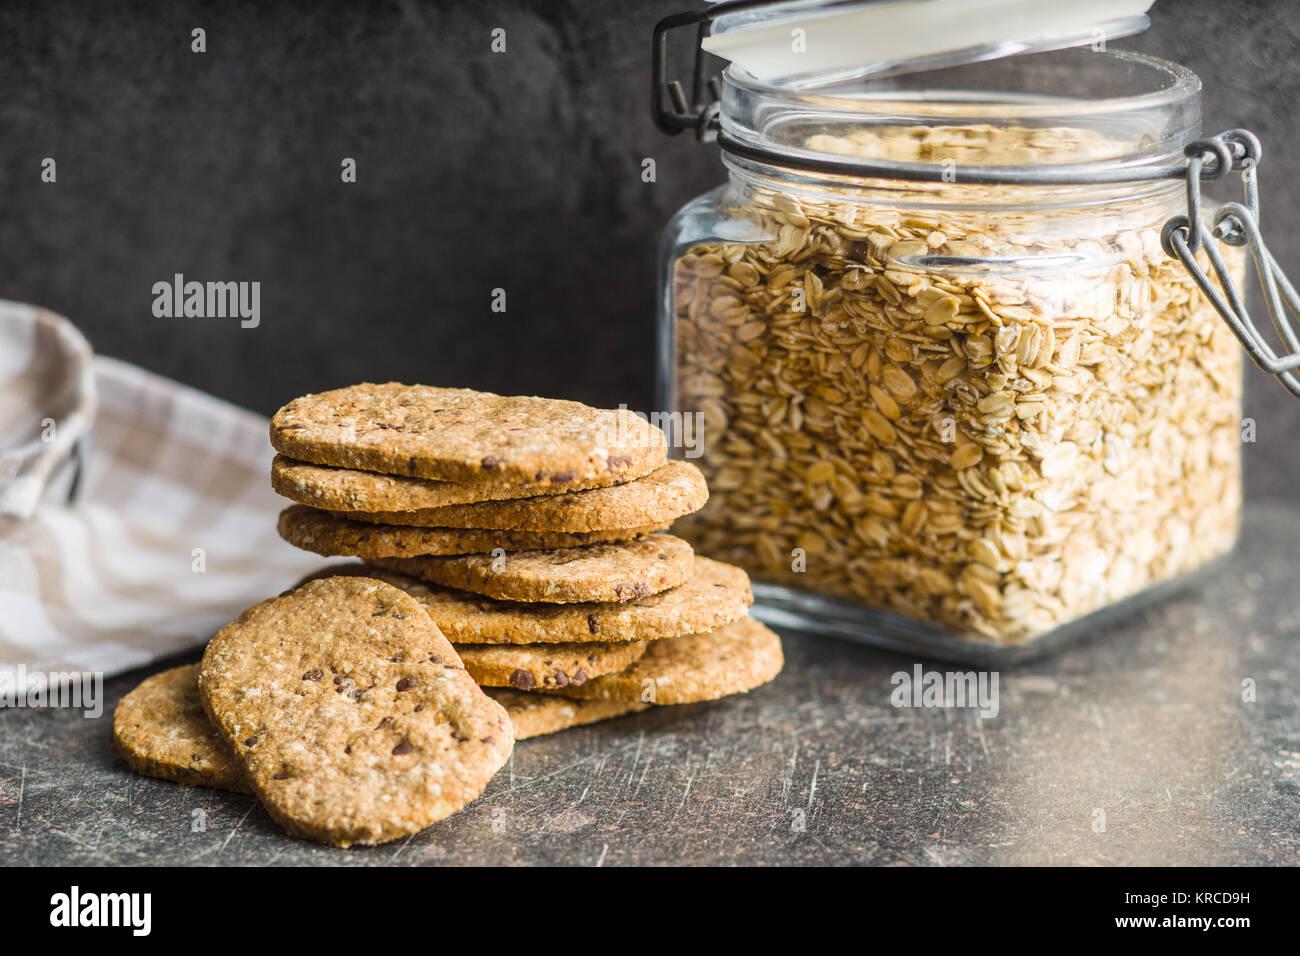 Biscuits savoureux sur la vieille table de cuisine. Photo Stock